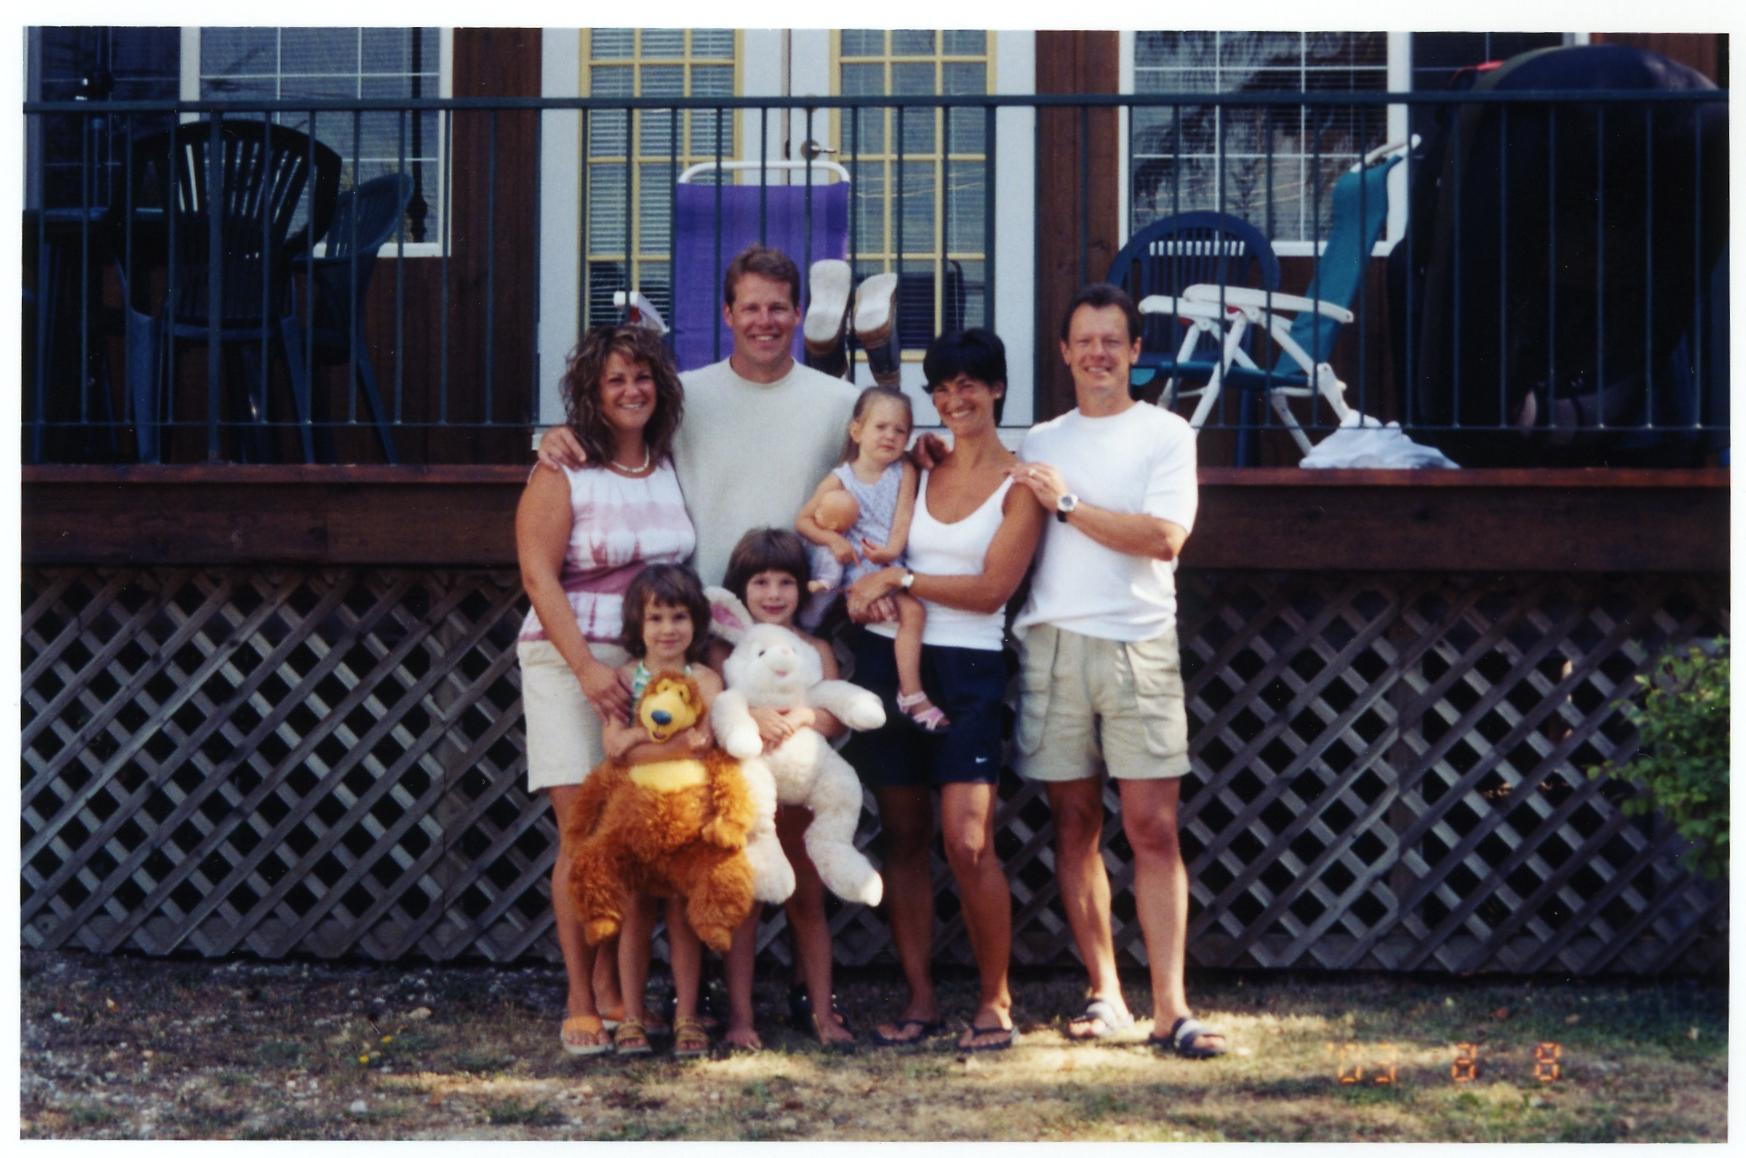 Kachmaryk & Family.jpg